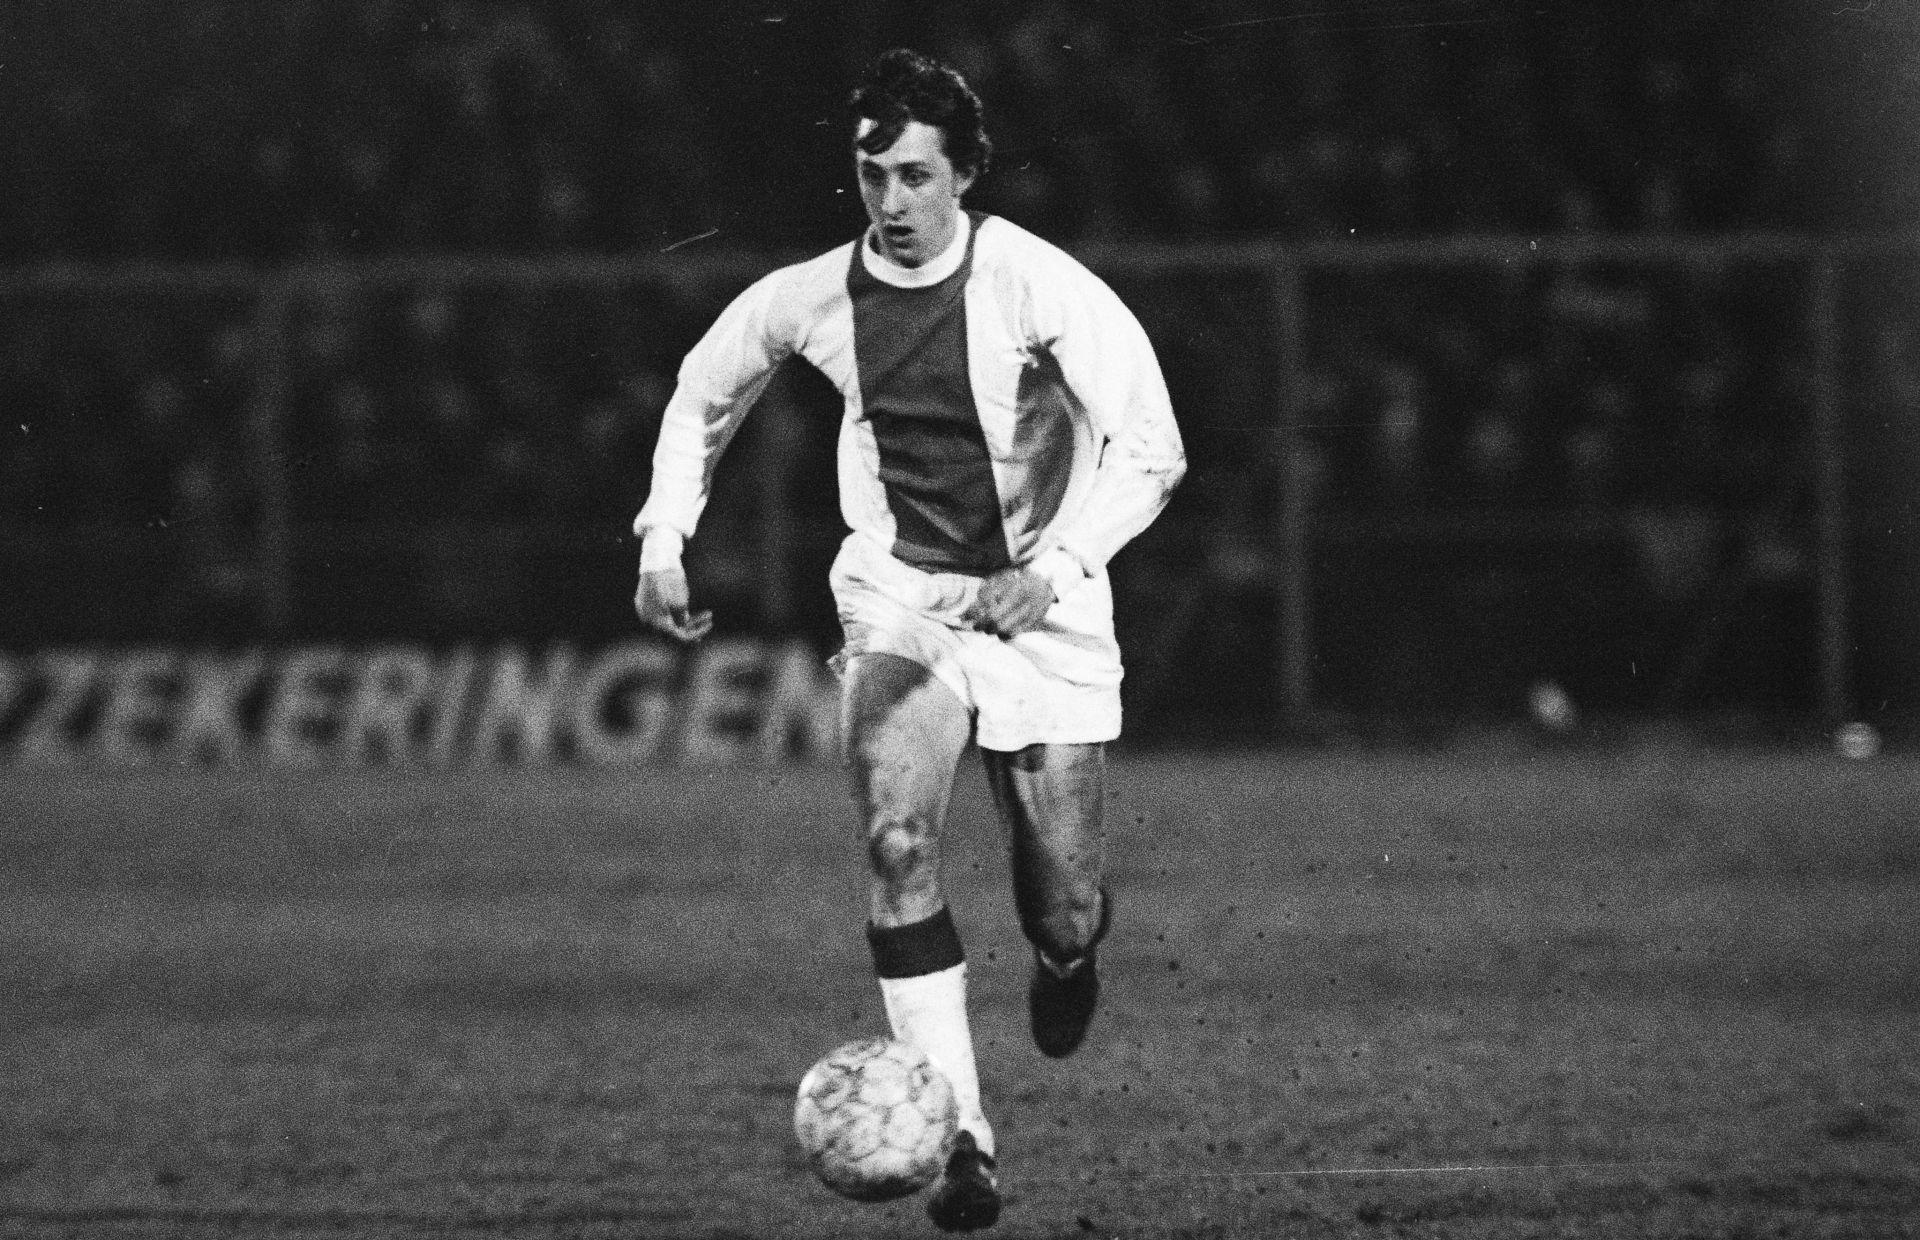 ODLAZAK VELIKANA Preminula nogometna legenda Johan Cruyff